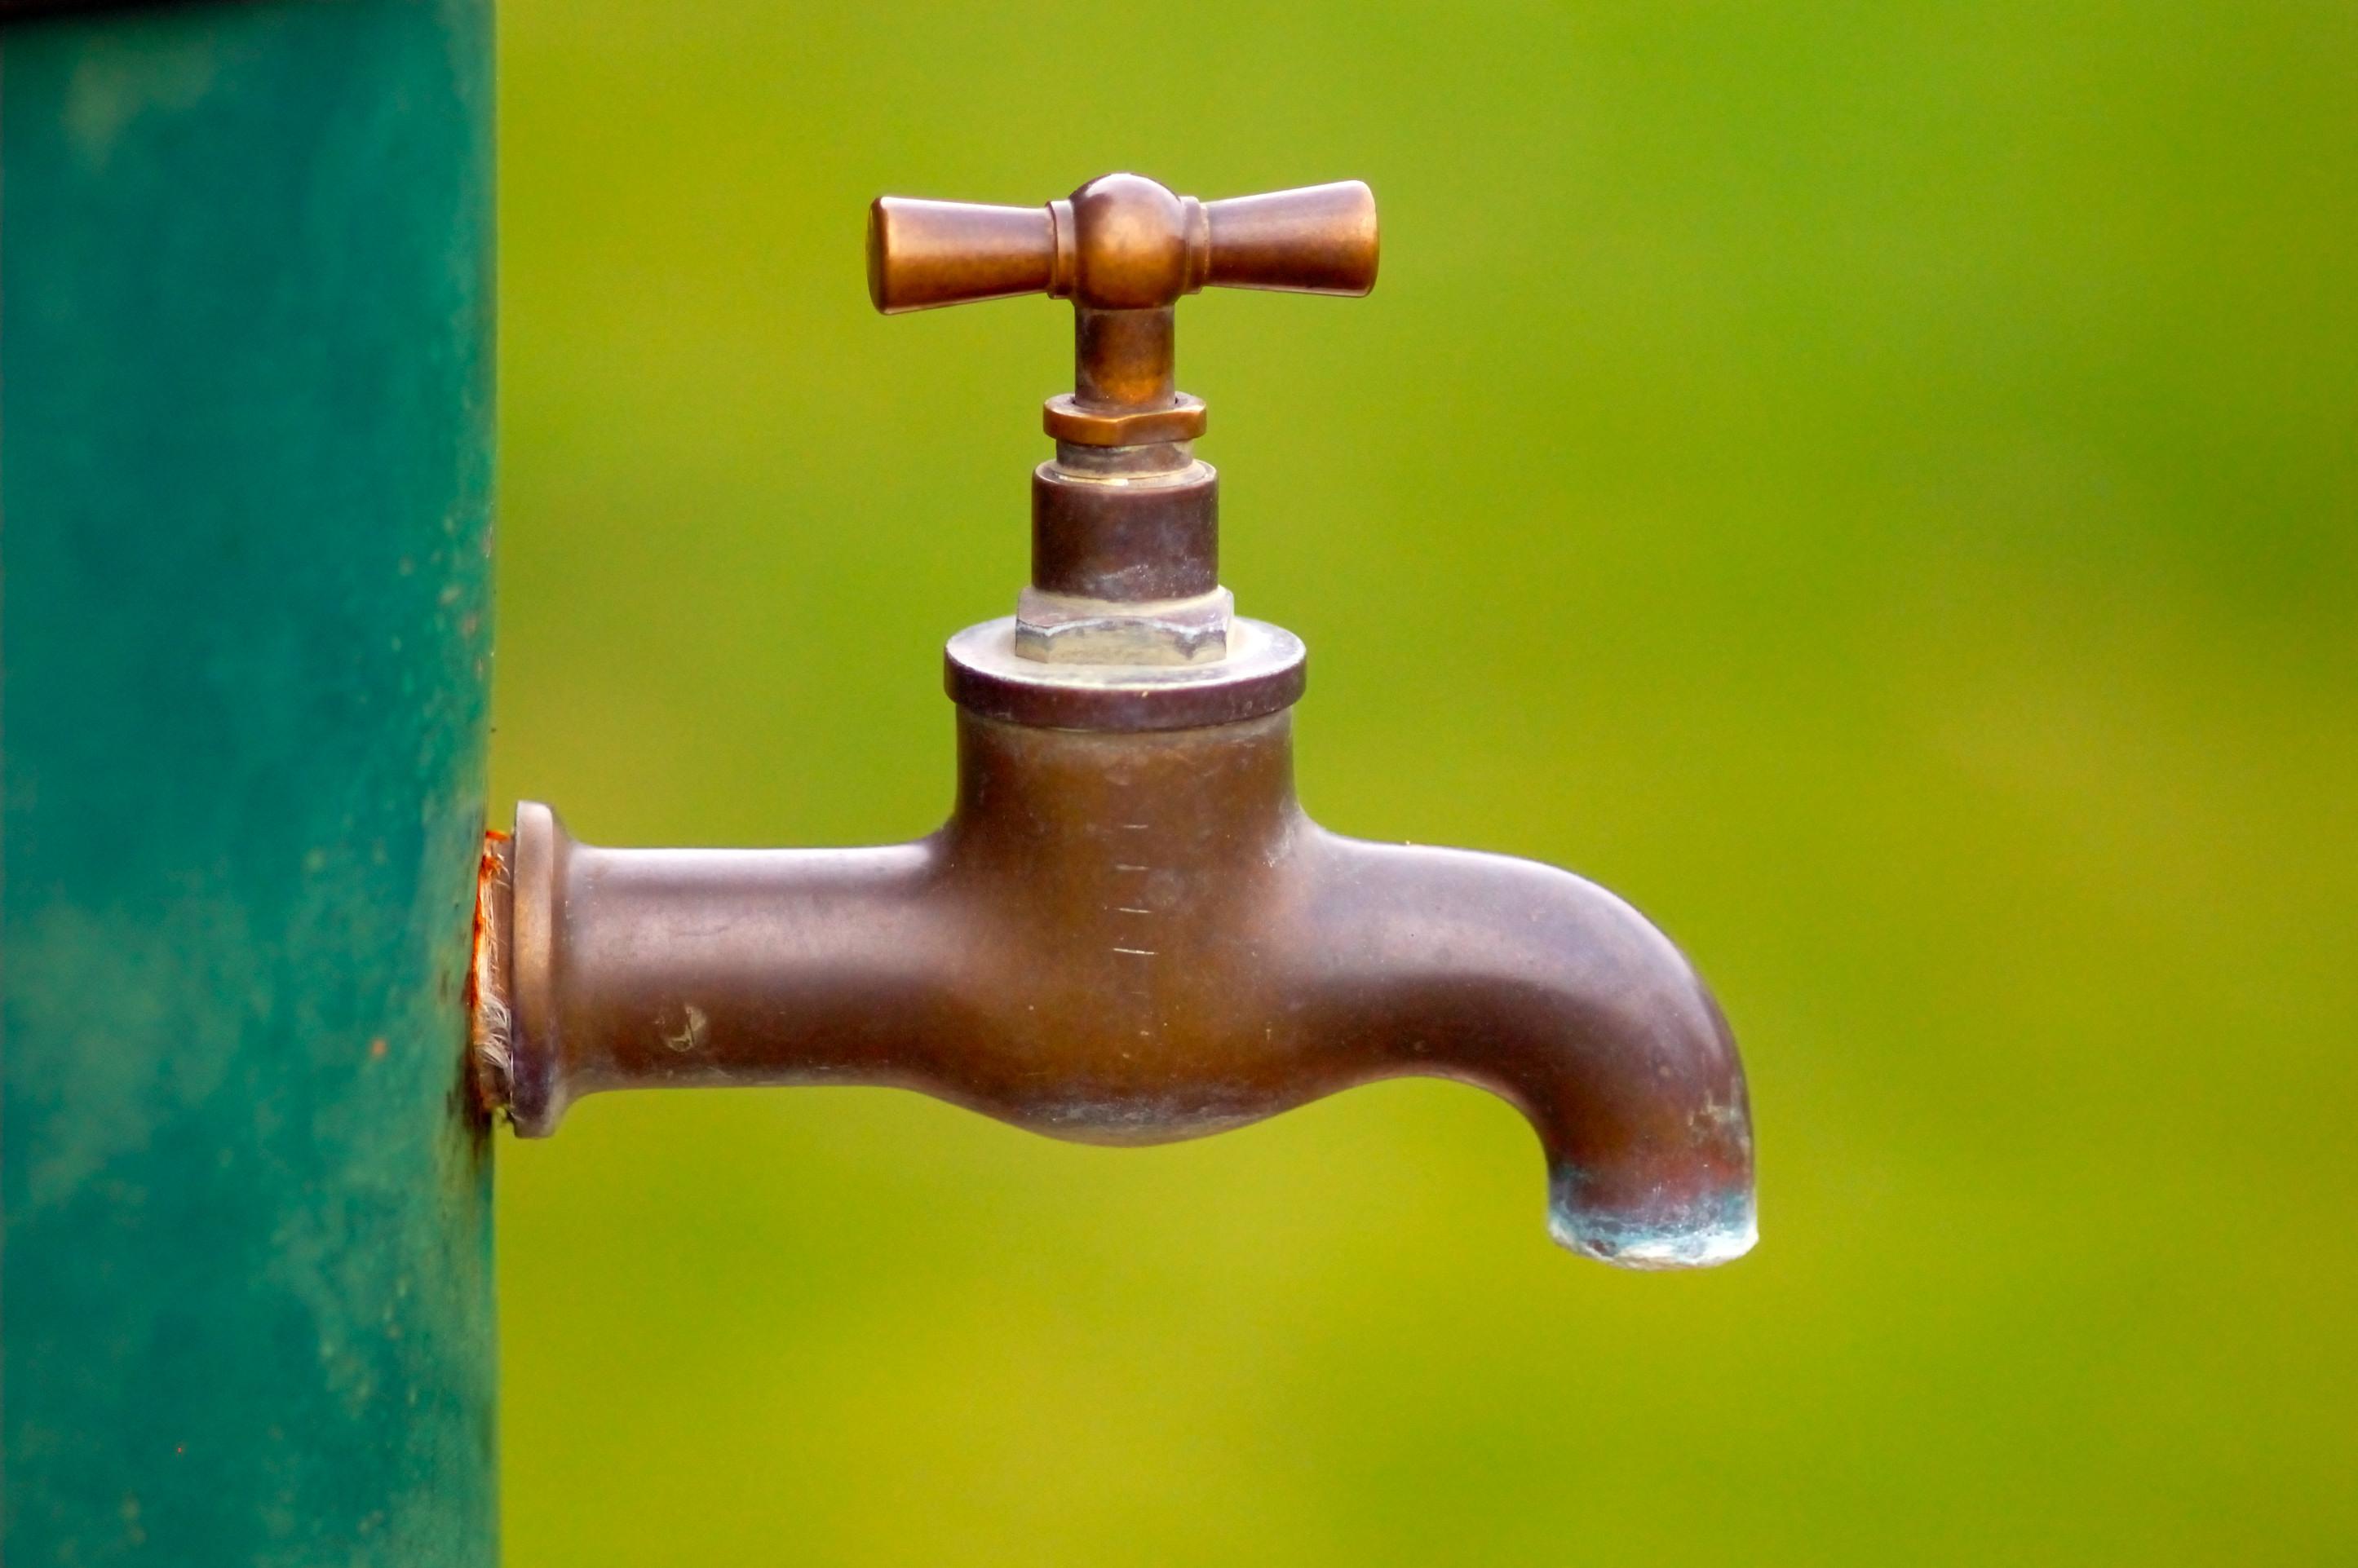 messina_senza acqua_rotta_ancora_condotta